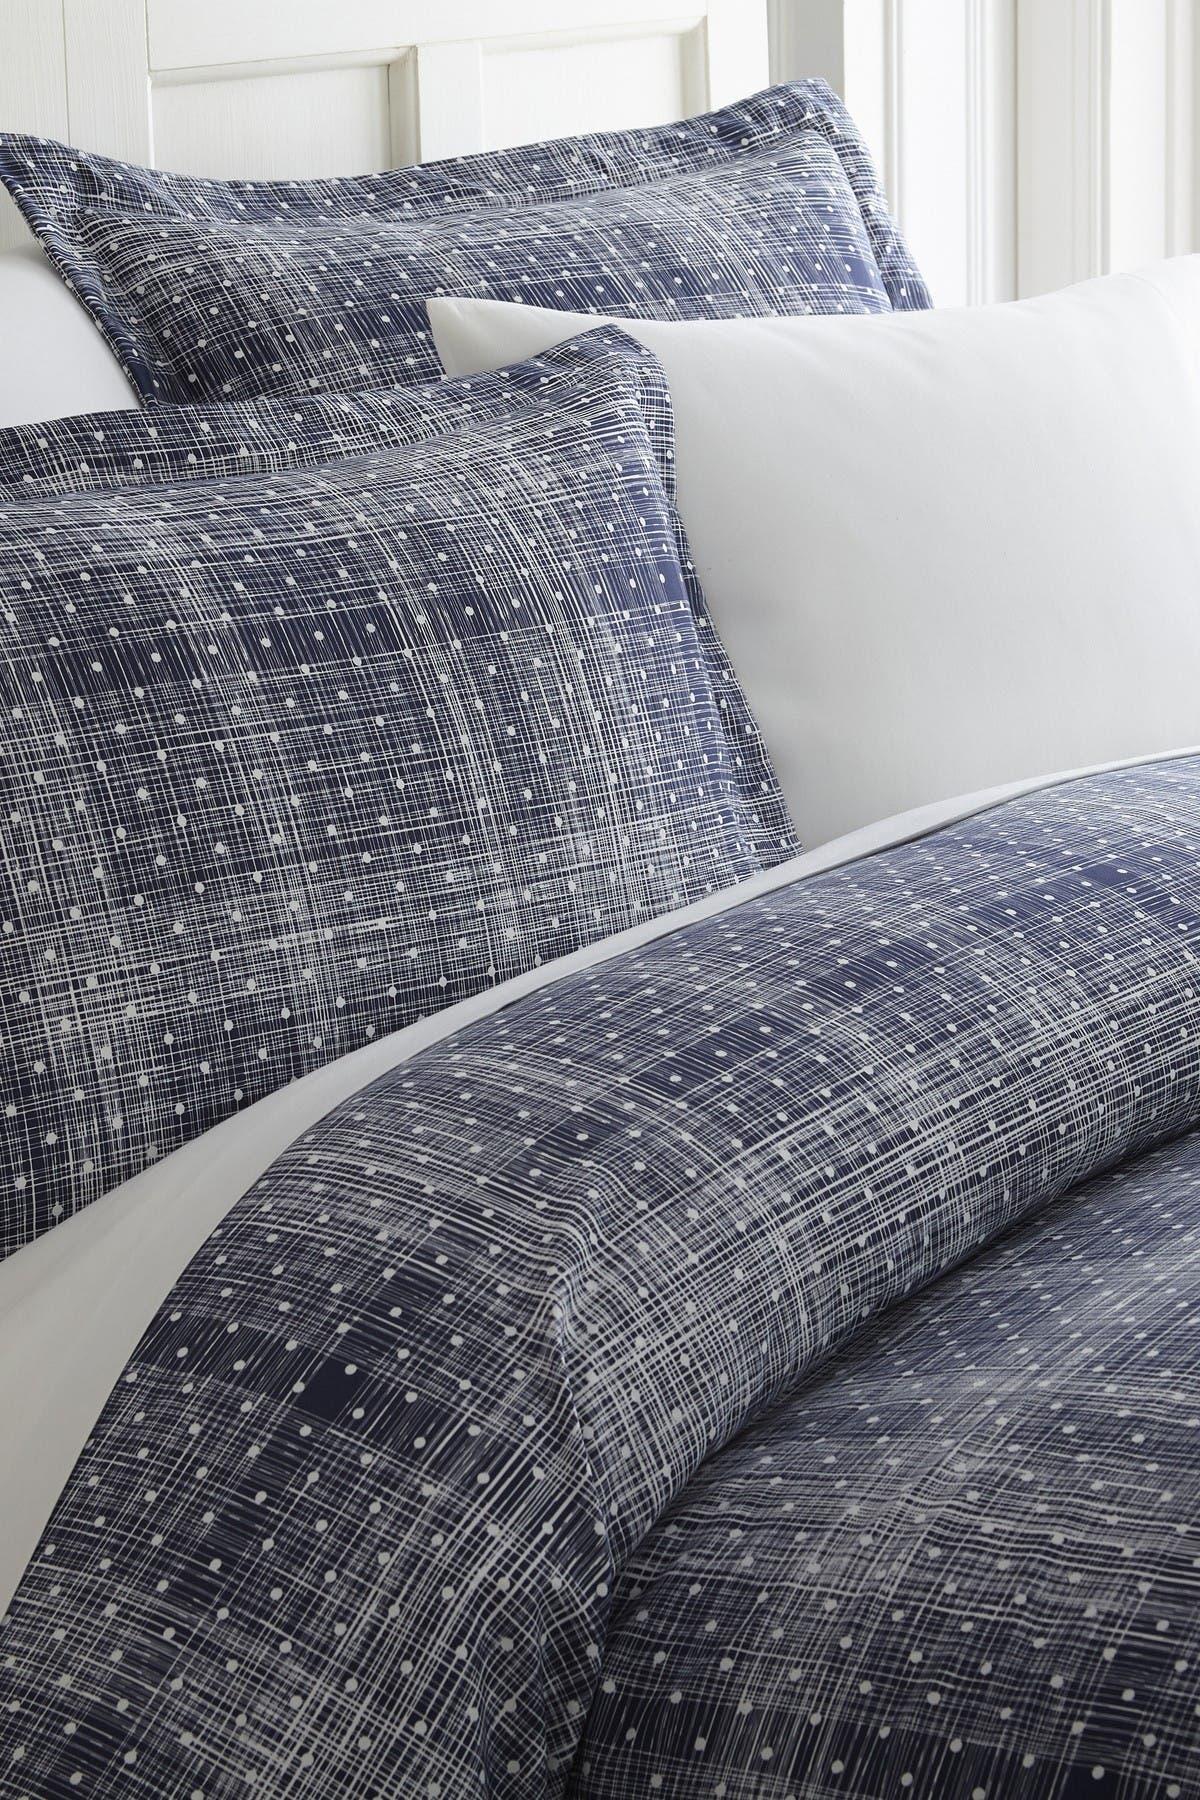 Image of IENJOY HOME Home Spun Premium Ultra Soft Polka Dot Pattern 3-Piece Duvet Cover Queen Set - Navy